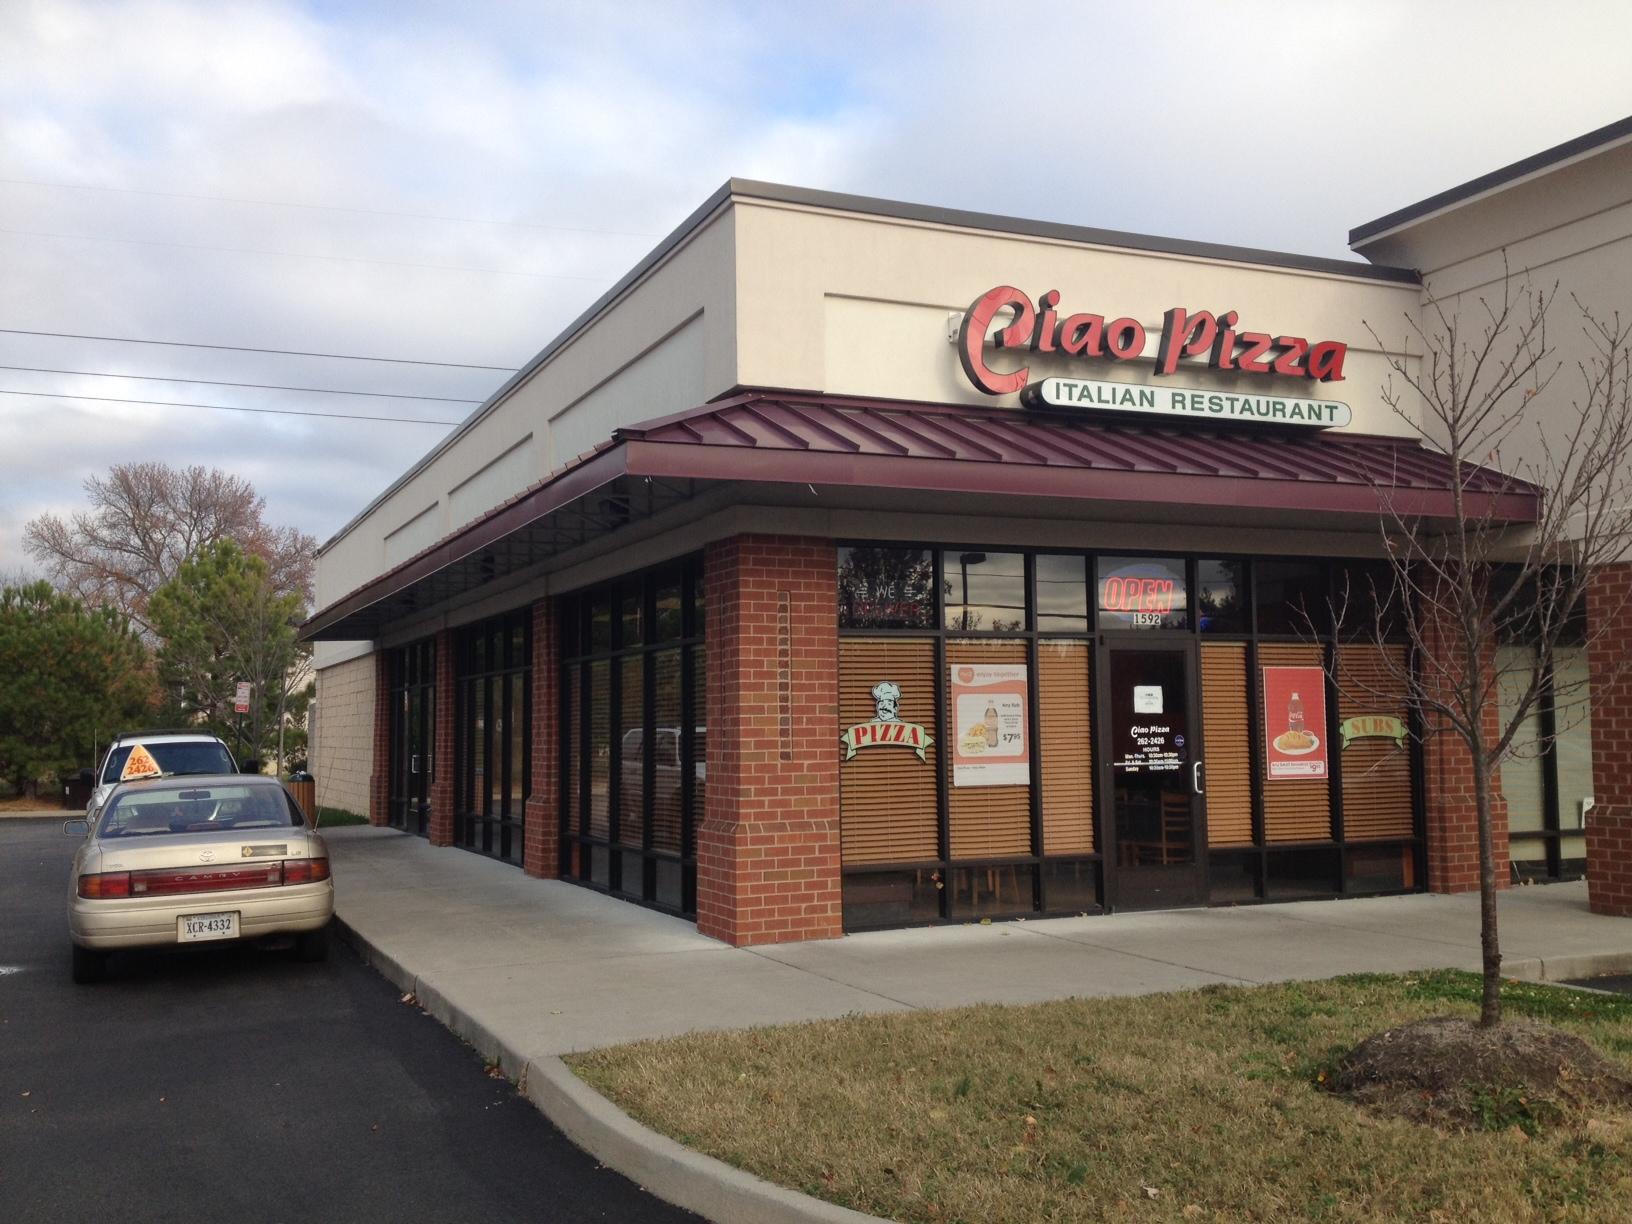 Rapid Pizza, Glen Allen VA